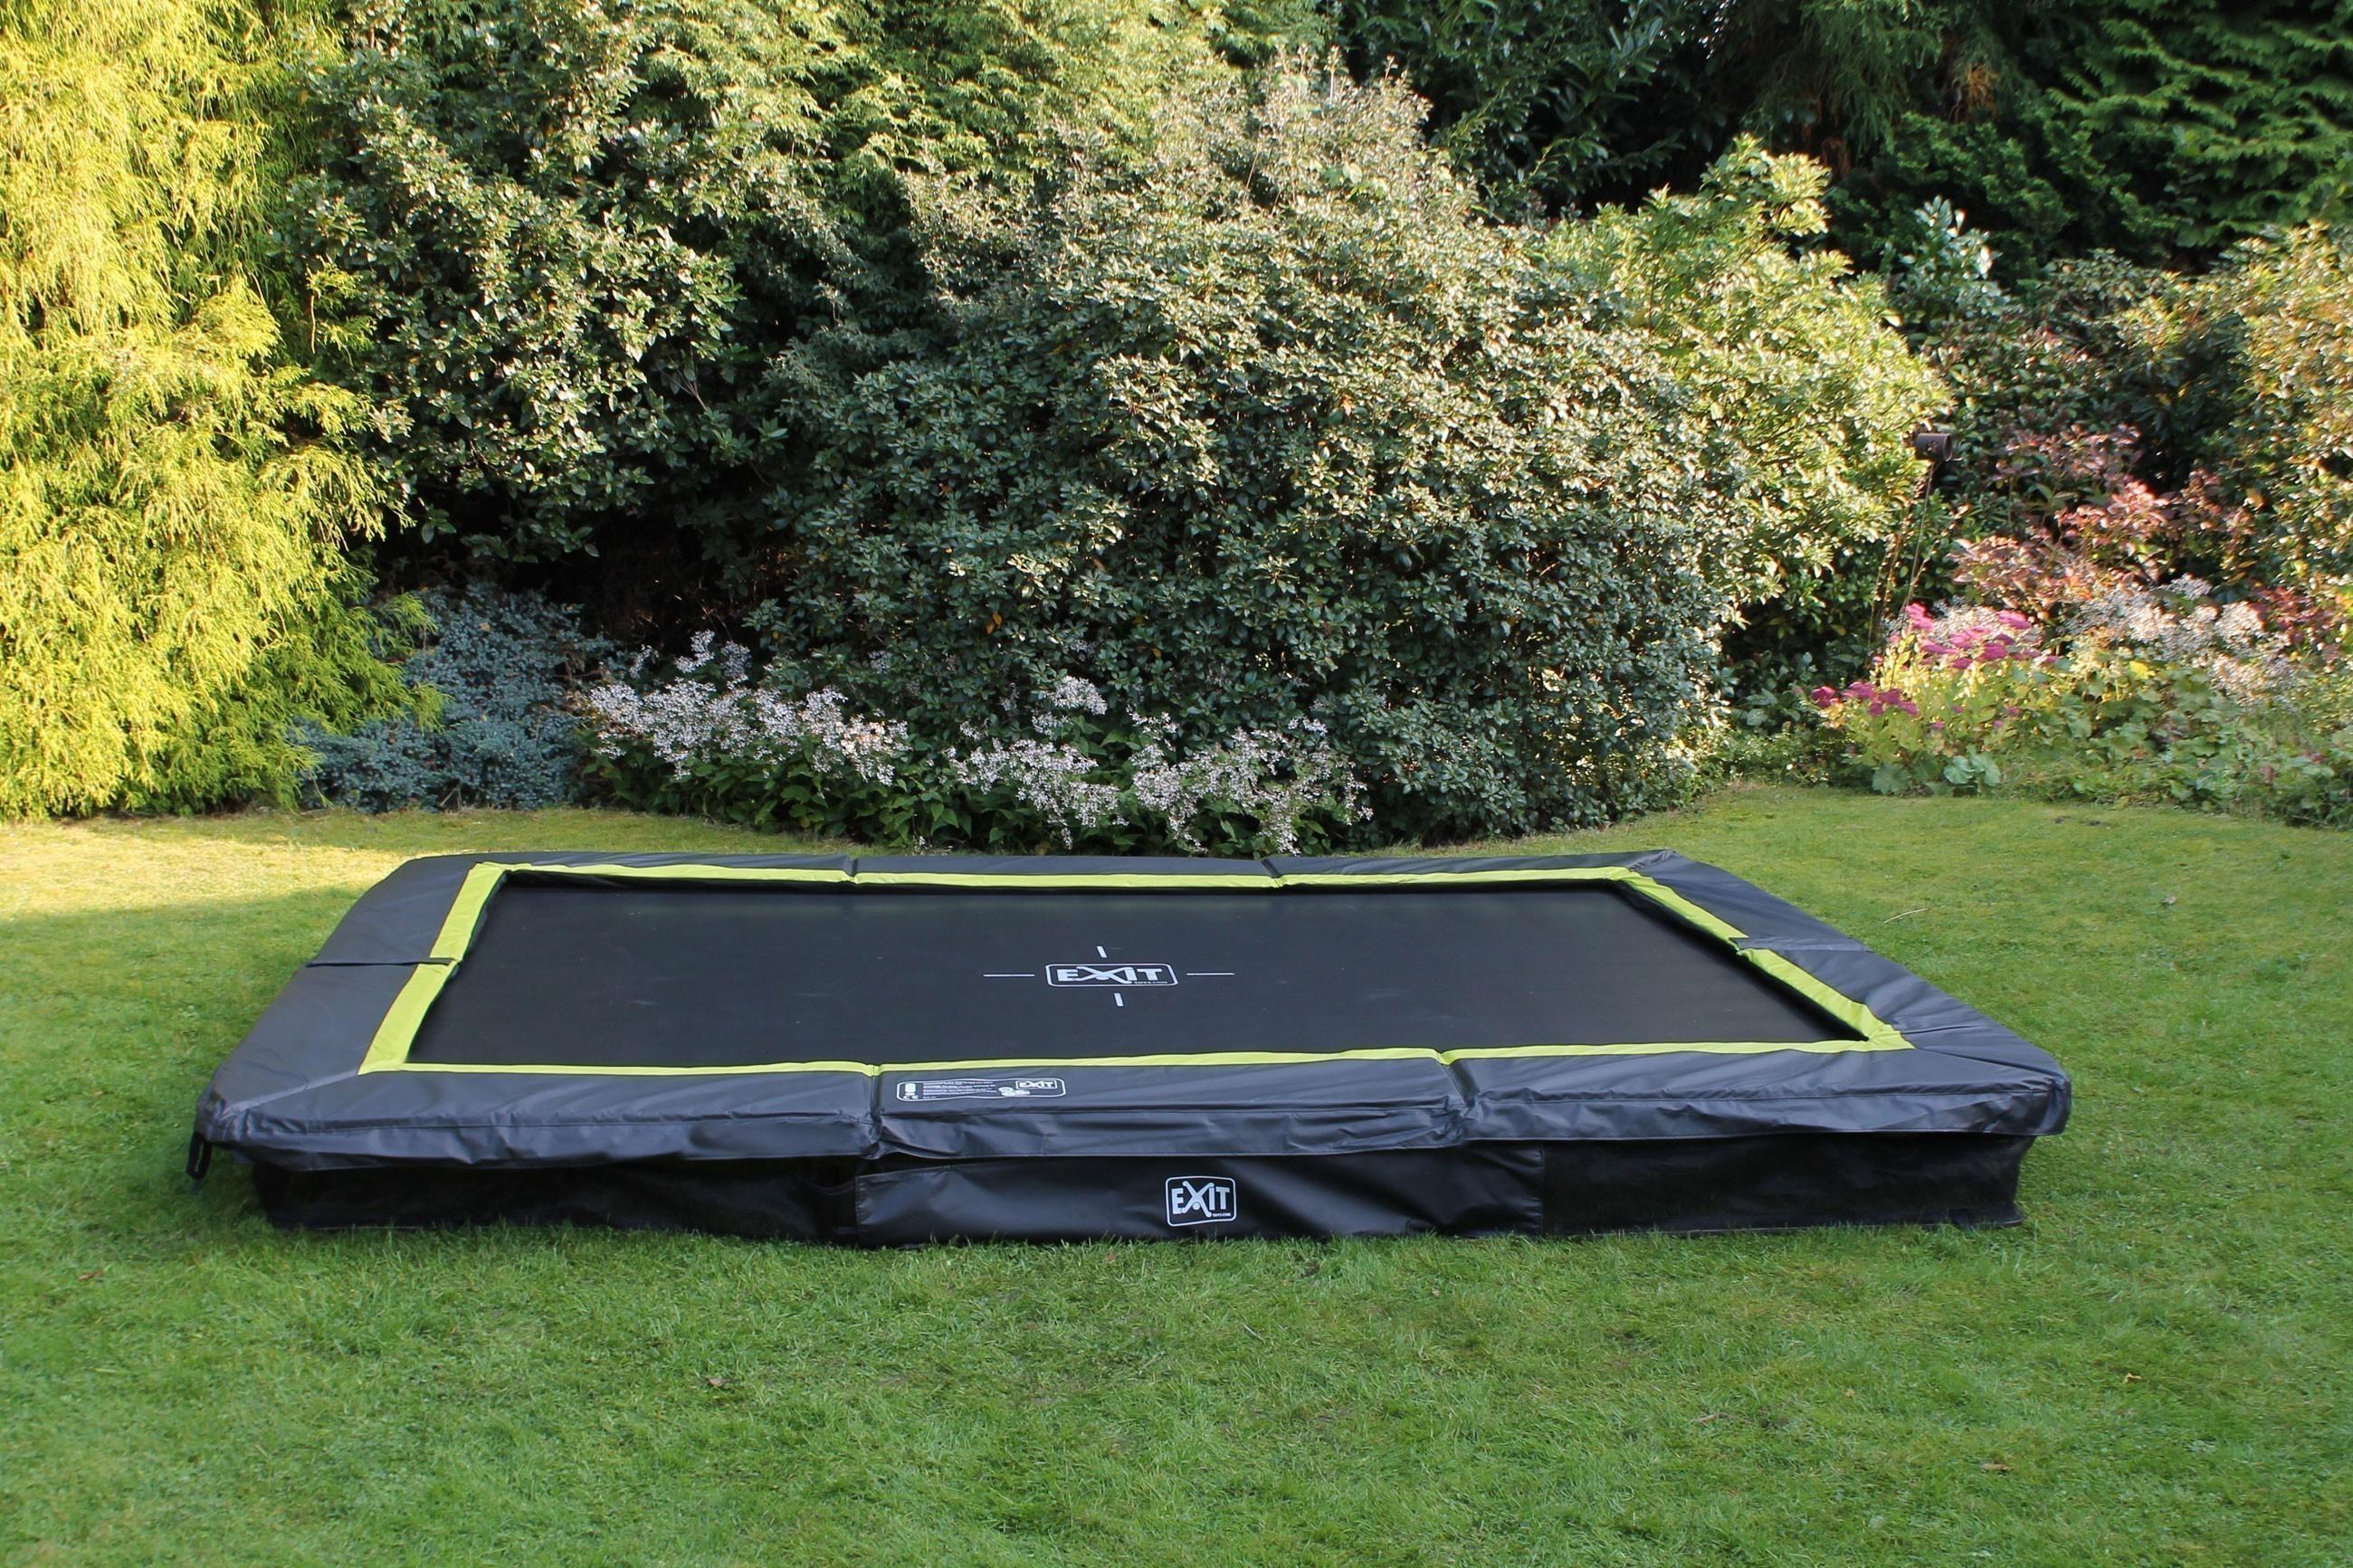 Trampolin EXIT Silhouette Ground rechteckig 214x305cm schwarz Bild 2